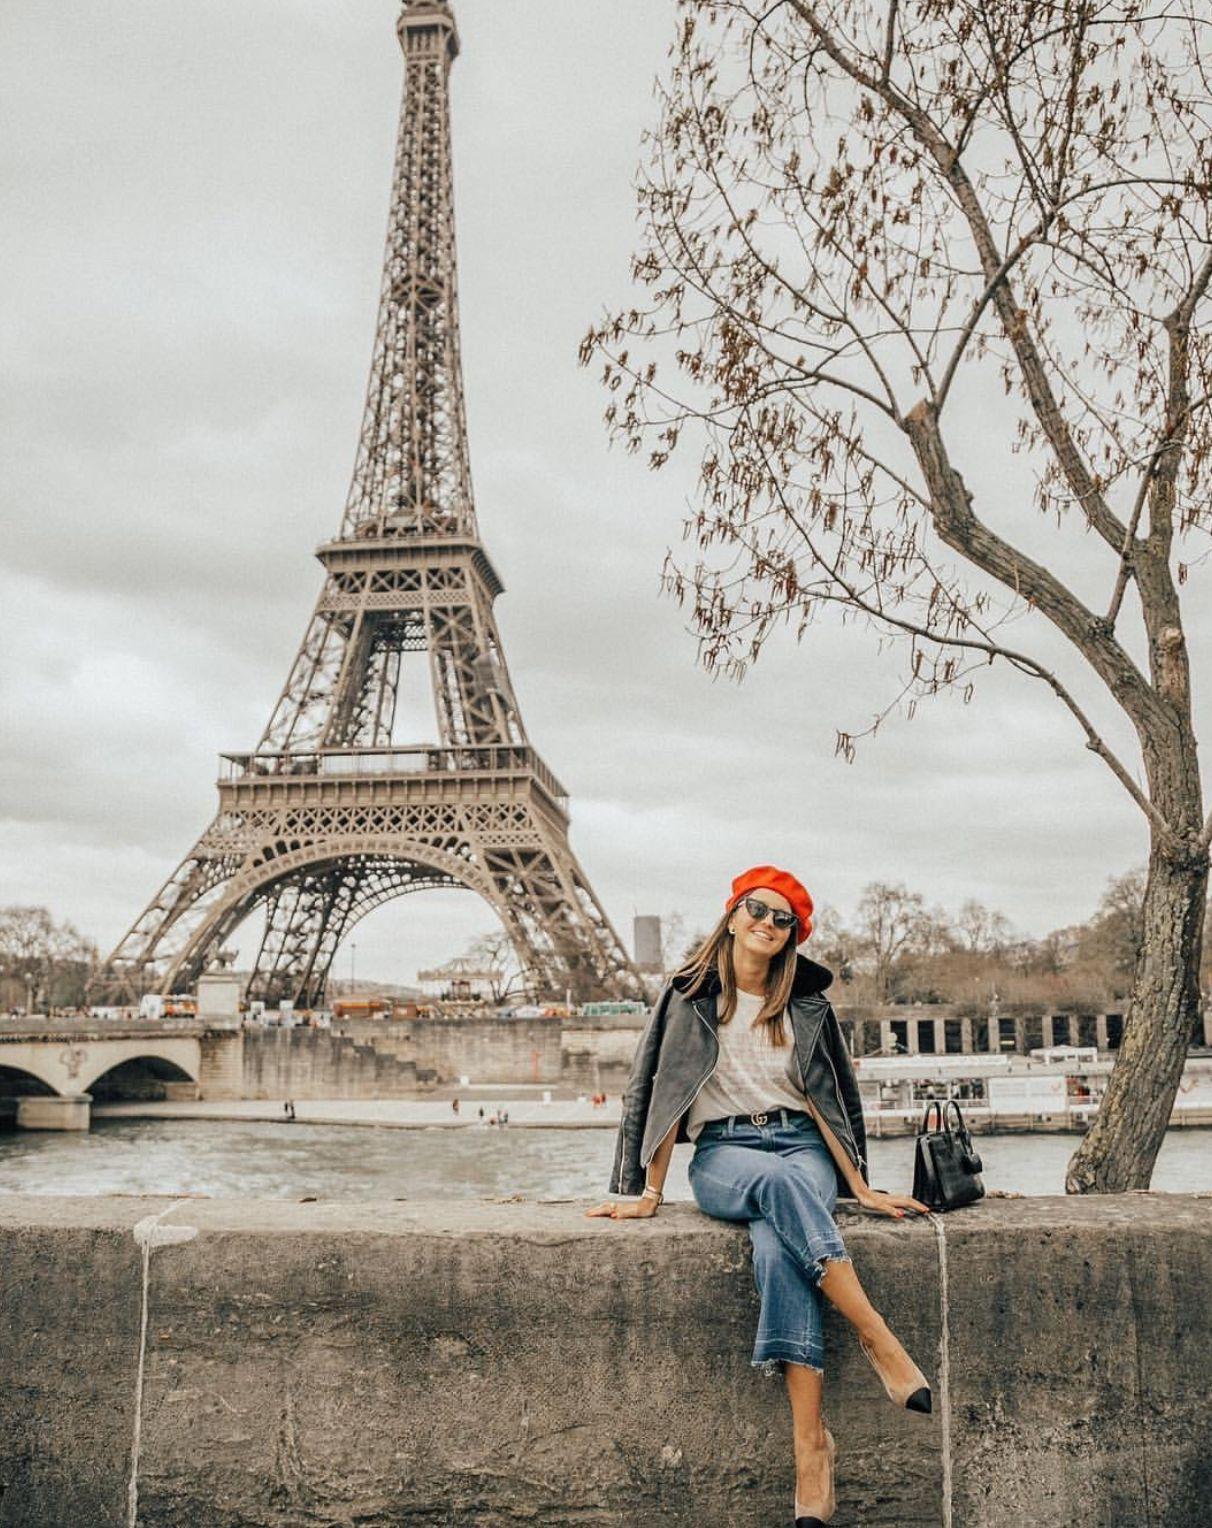 считается одной идеи позы для фотосессии в париже большинство них спортивные